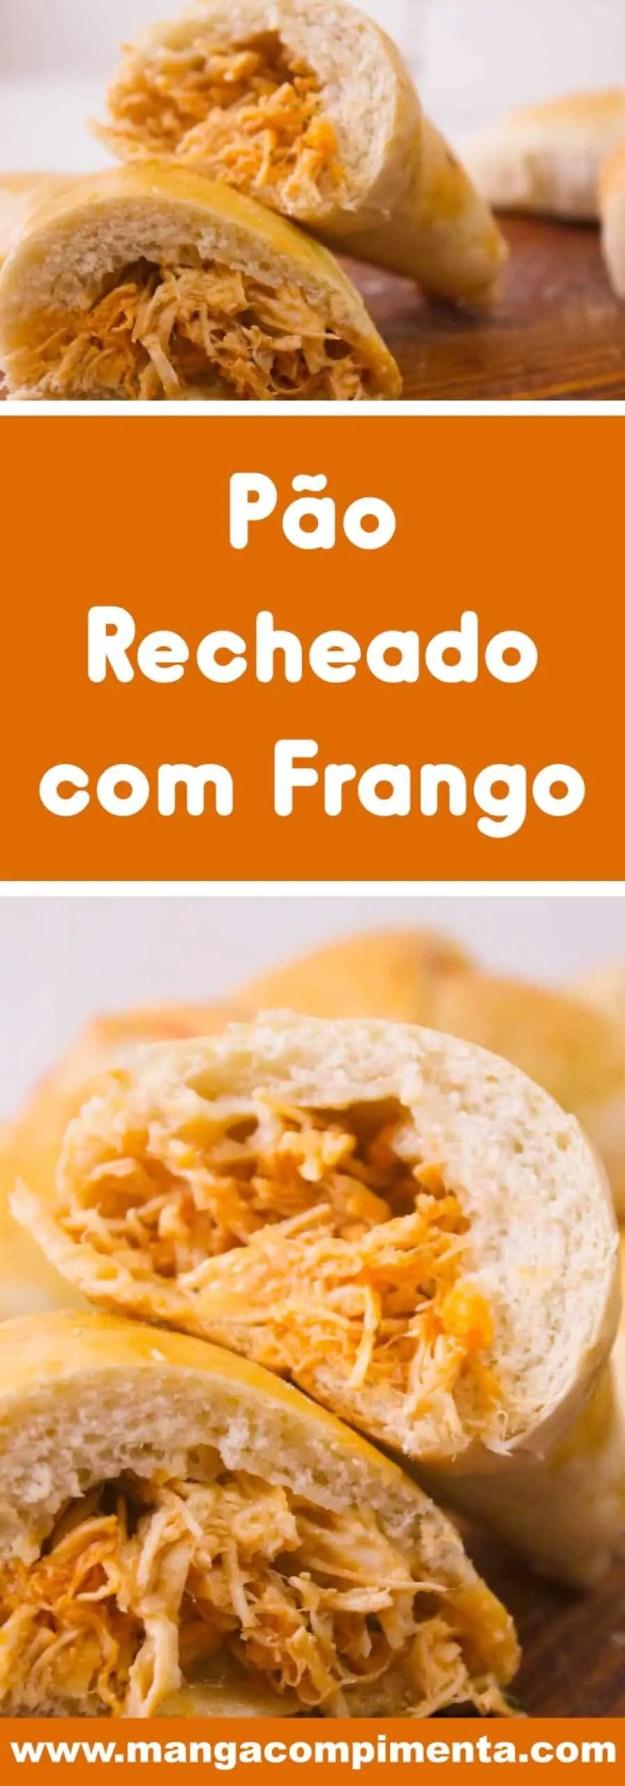 Receita de Pão Recheado com Frango - para um lanche caseiro no final de semana com a família!